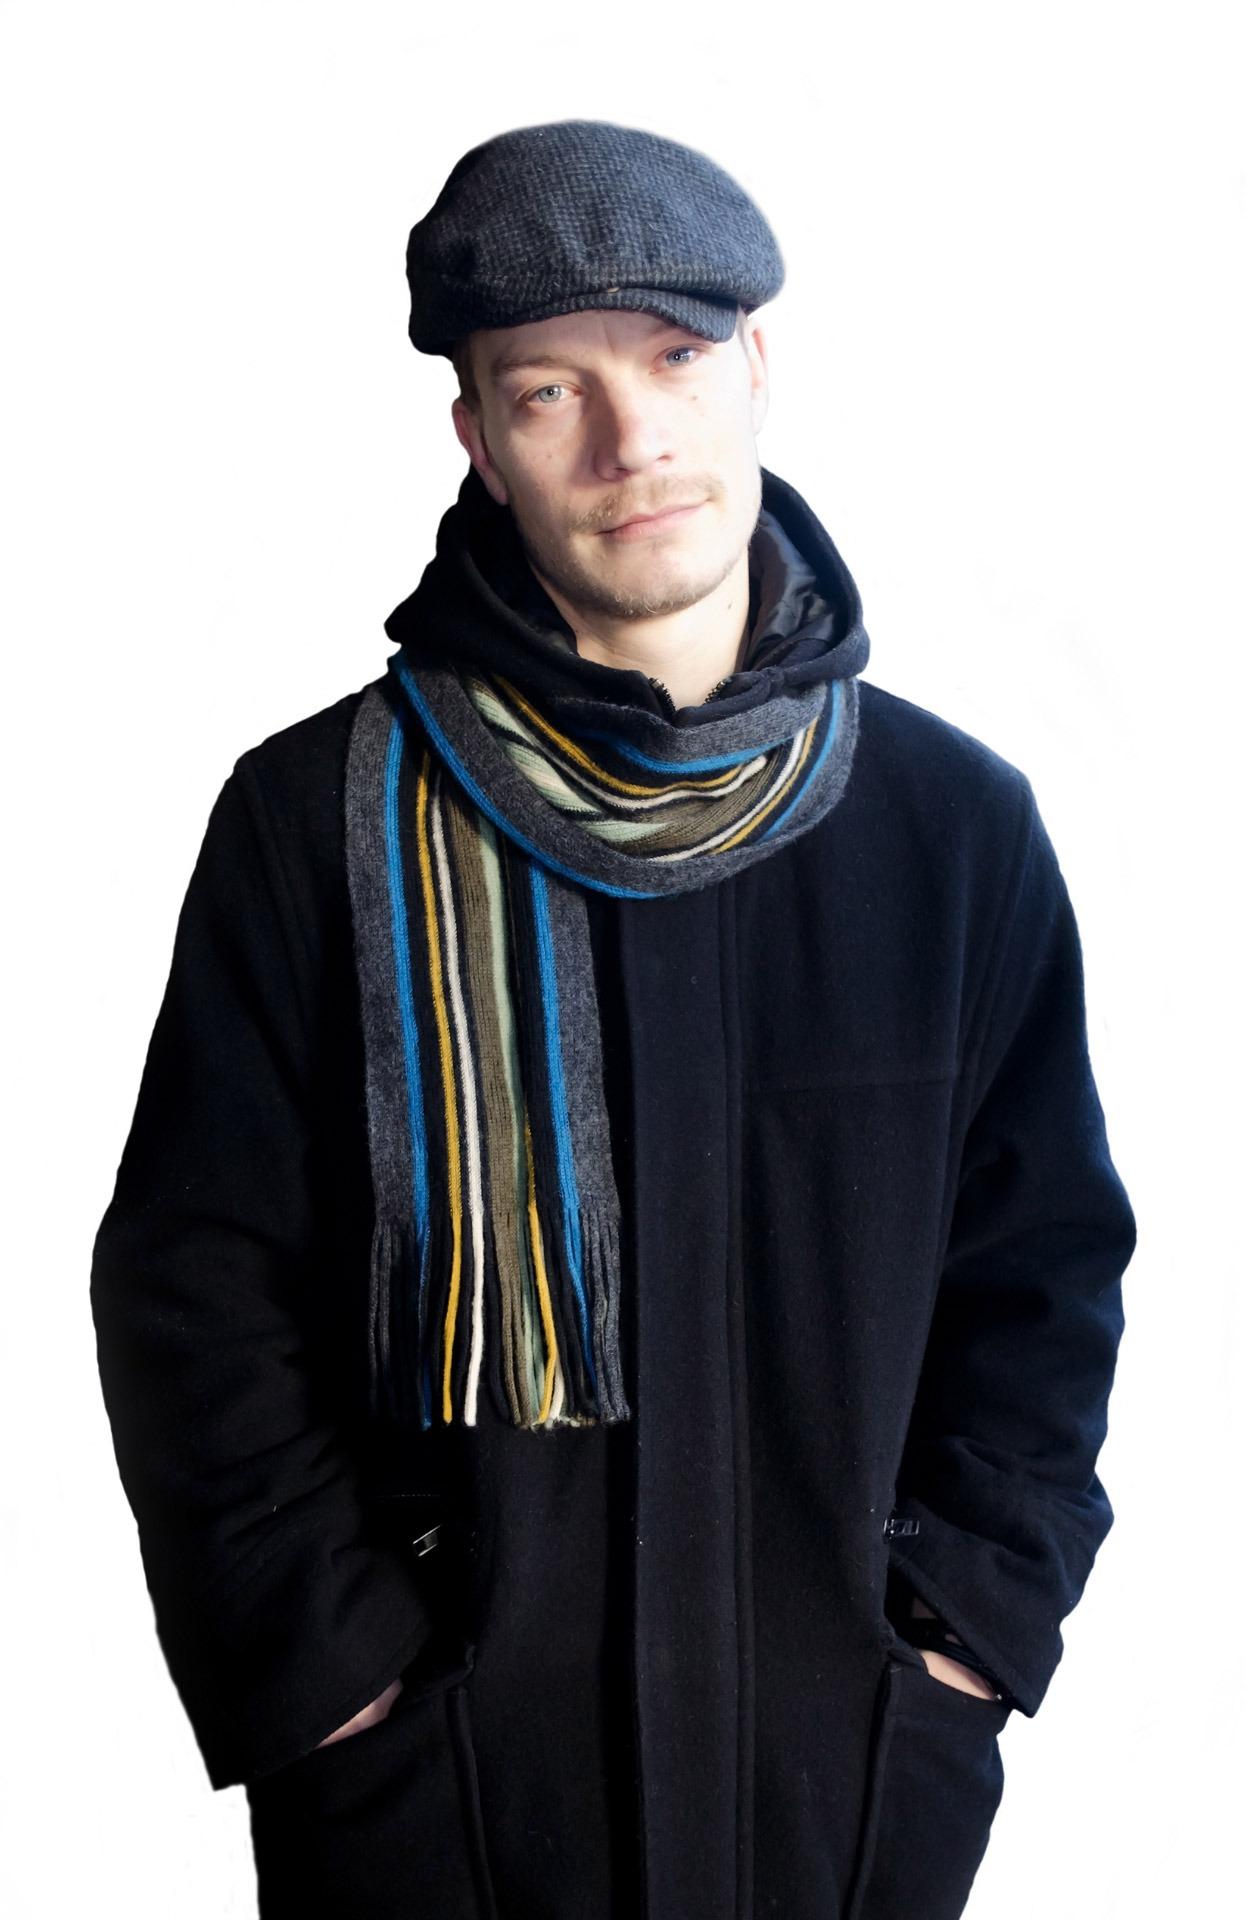 Kostenlose foto : Mann, Winter, Menschen, warm, männlich, Mantel ...